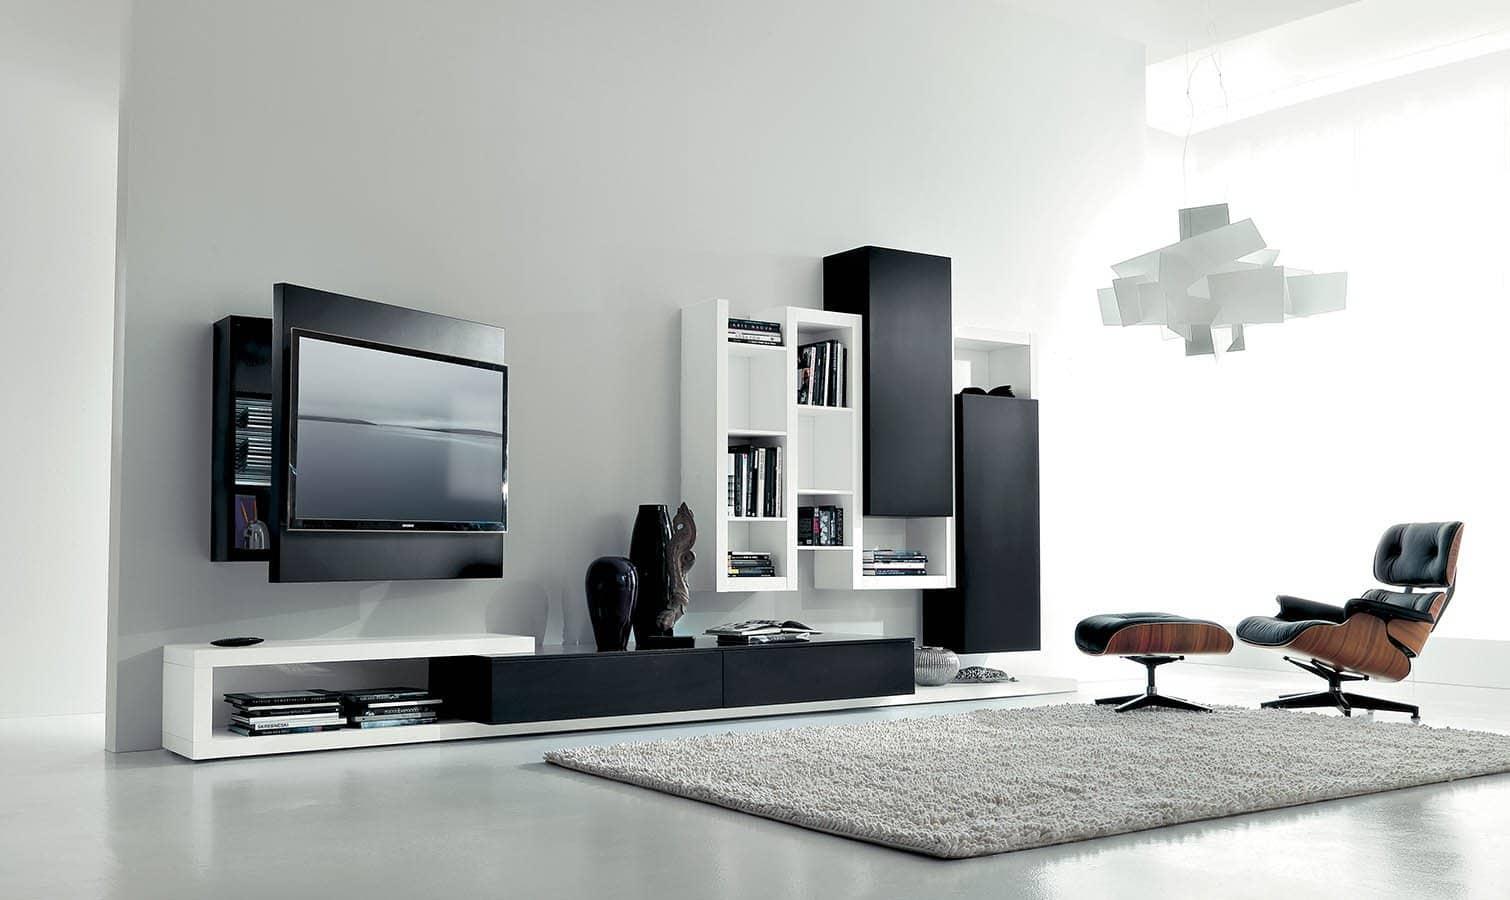 Soggiorni Moderni Brianza : Montella prisma arredo arredamento e mobili per la casa